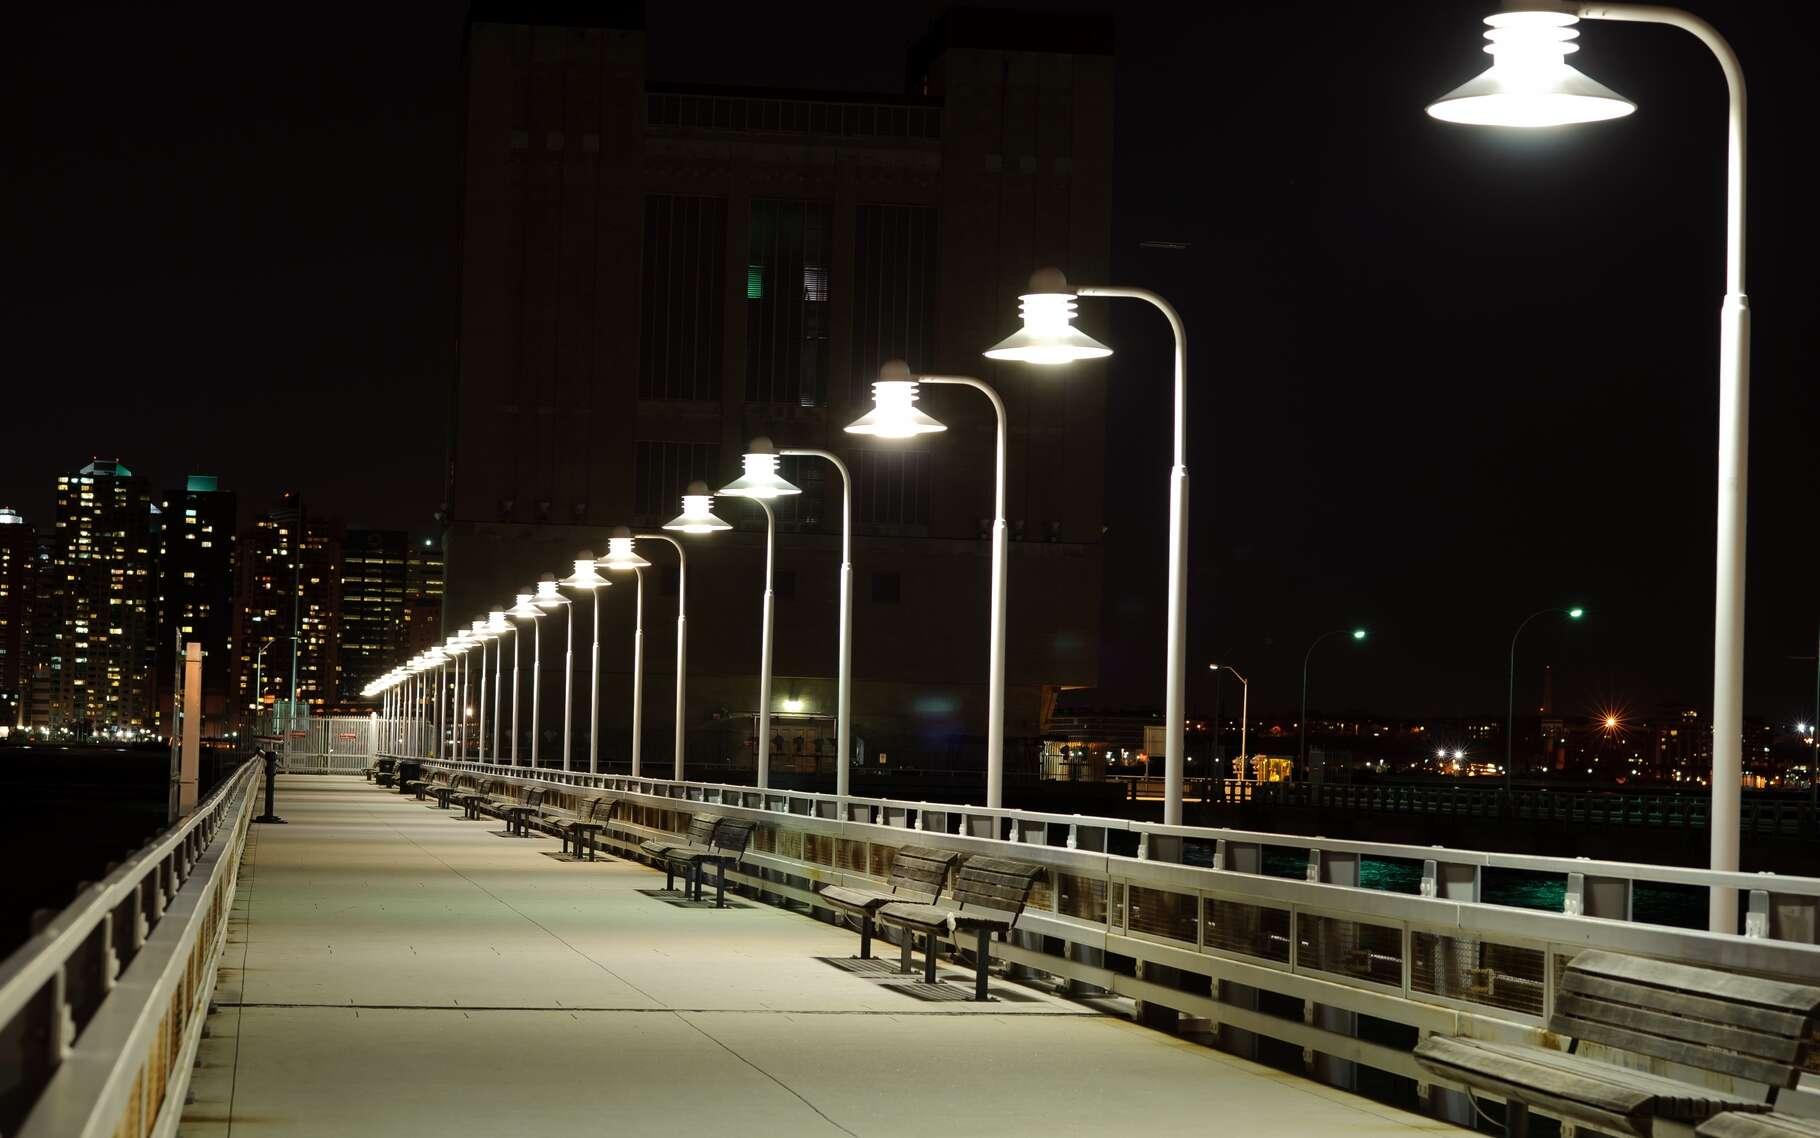 Si l'éclairage urbain est indispensable pour créer un sentiment de sécurité, rien n'interdit de l'utiliser seulement quand cela est nécessaire, c'est-à-dire au passage de piétons, cyclistes ou véhicules. © Sorbis, Shutterstock